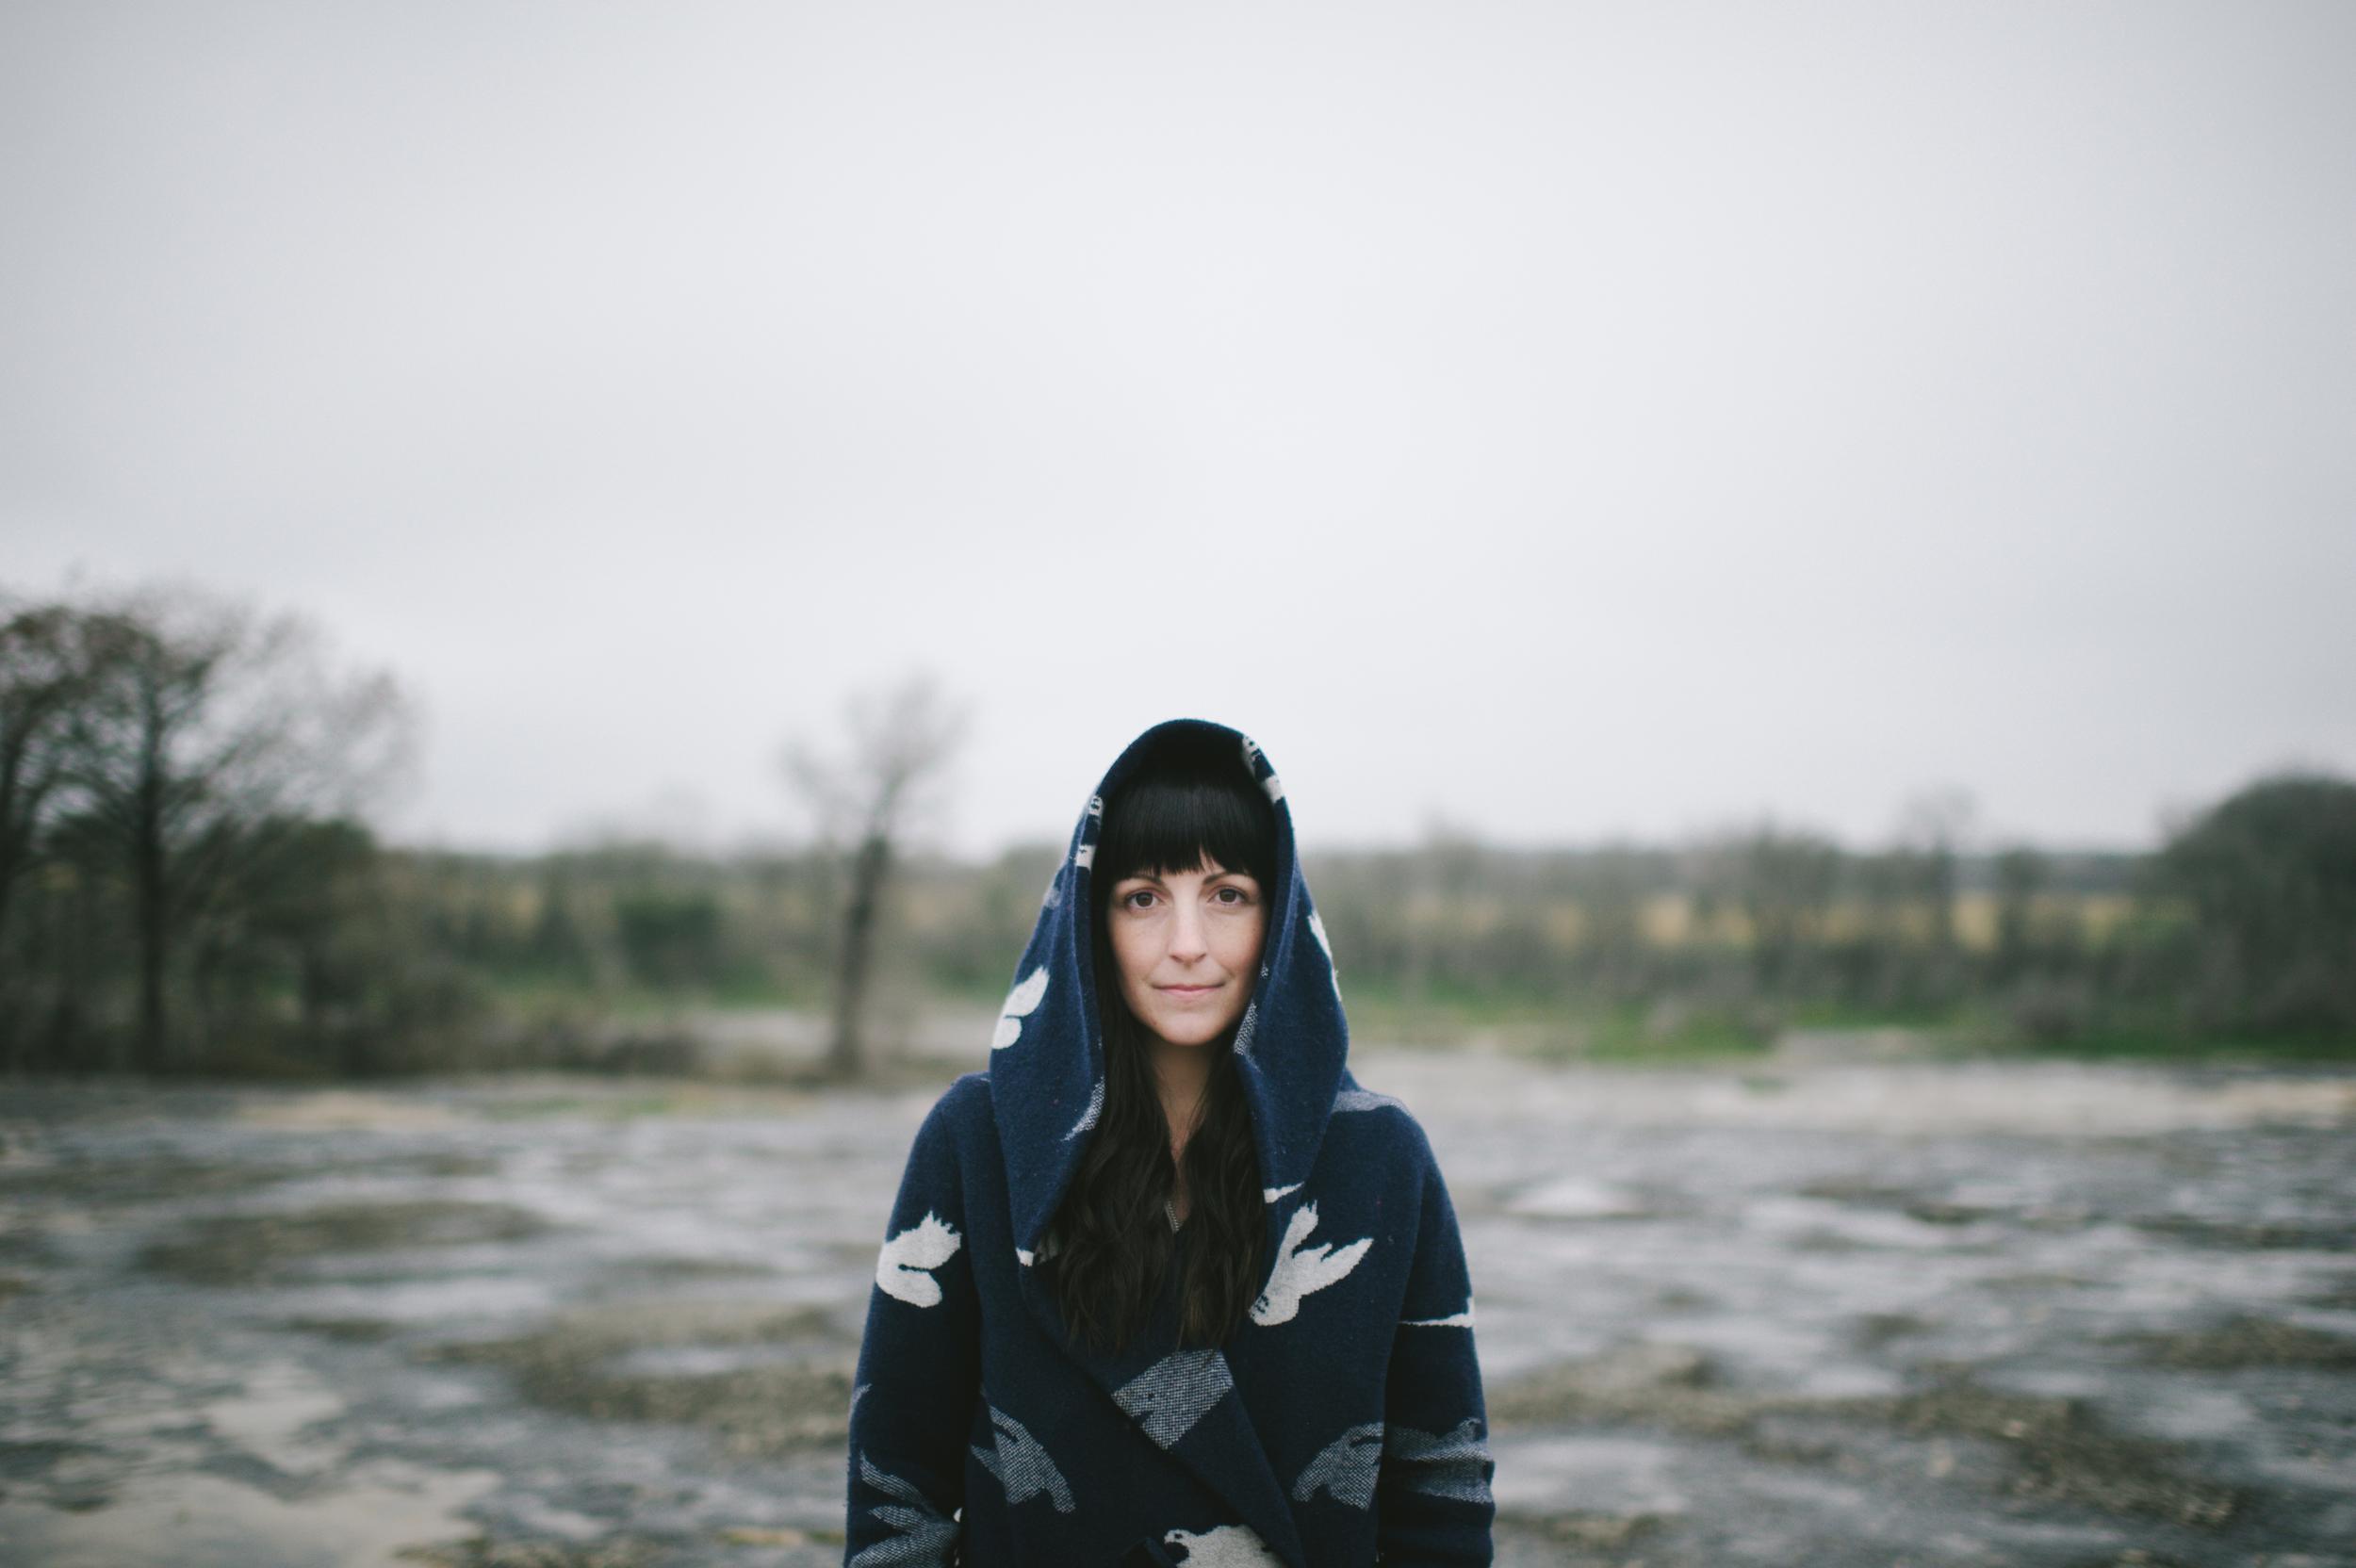 river-story-joy-gardella102.JPG